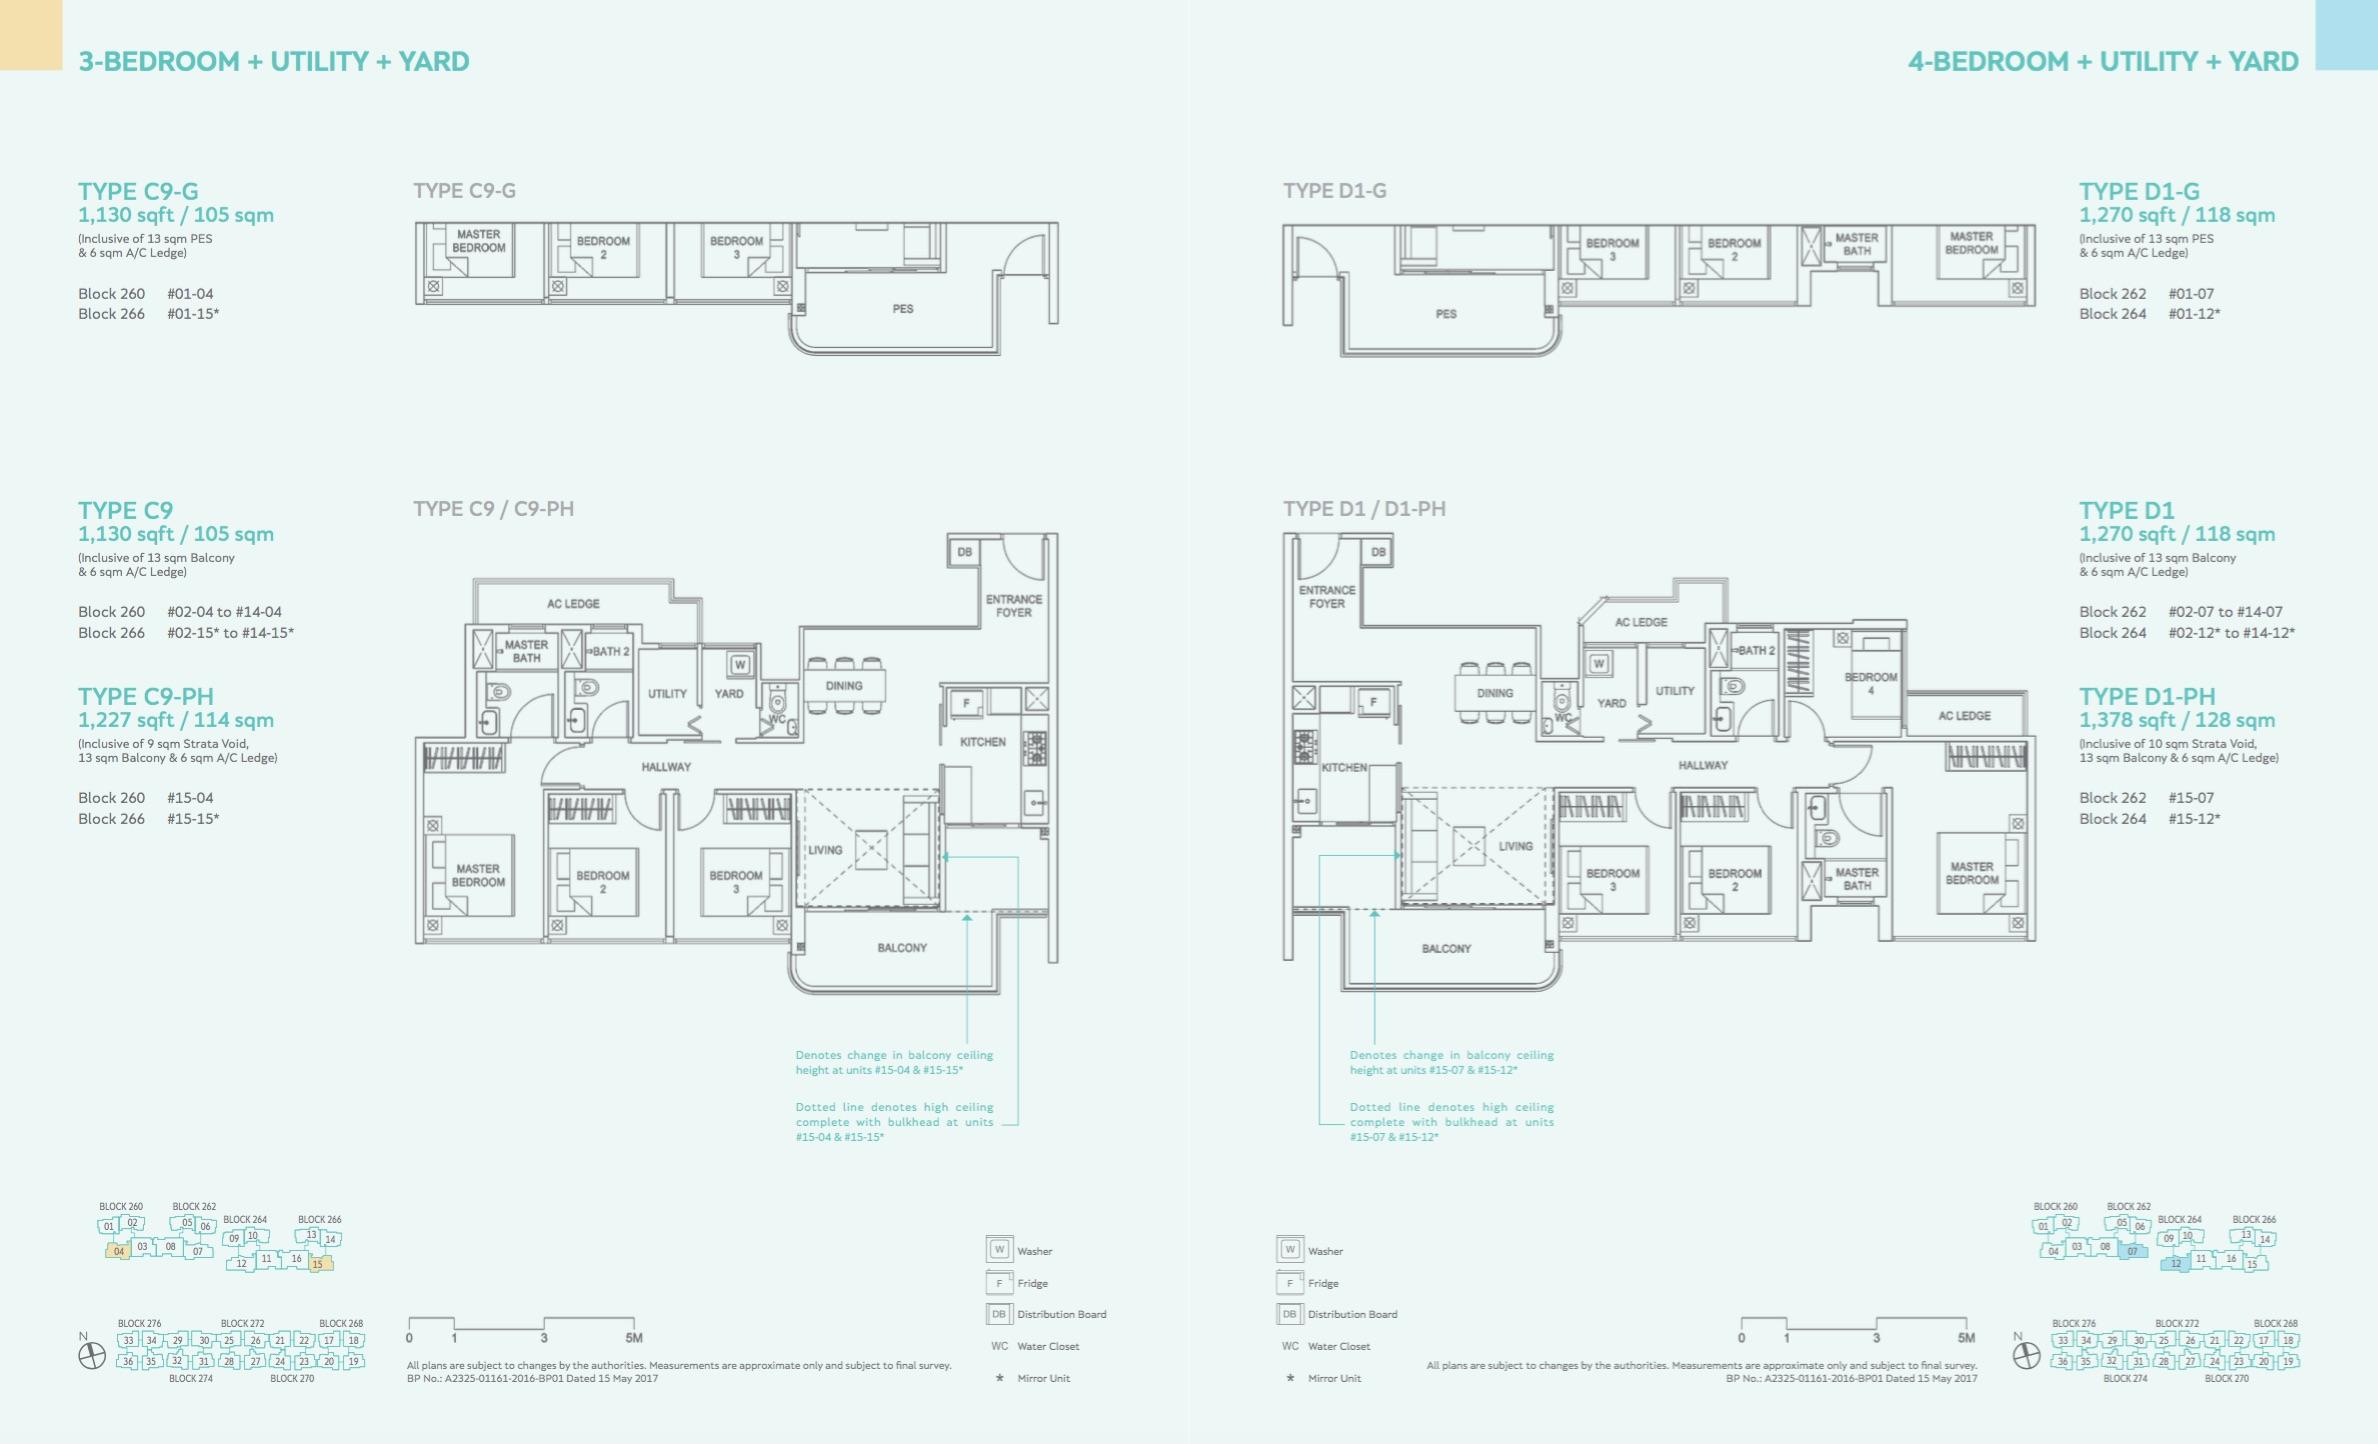 3 Bedroom + Utility / 4 Bedroom